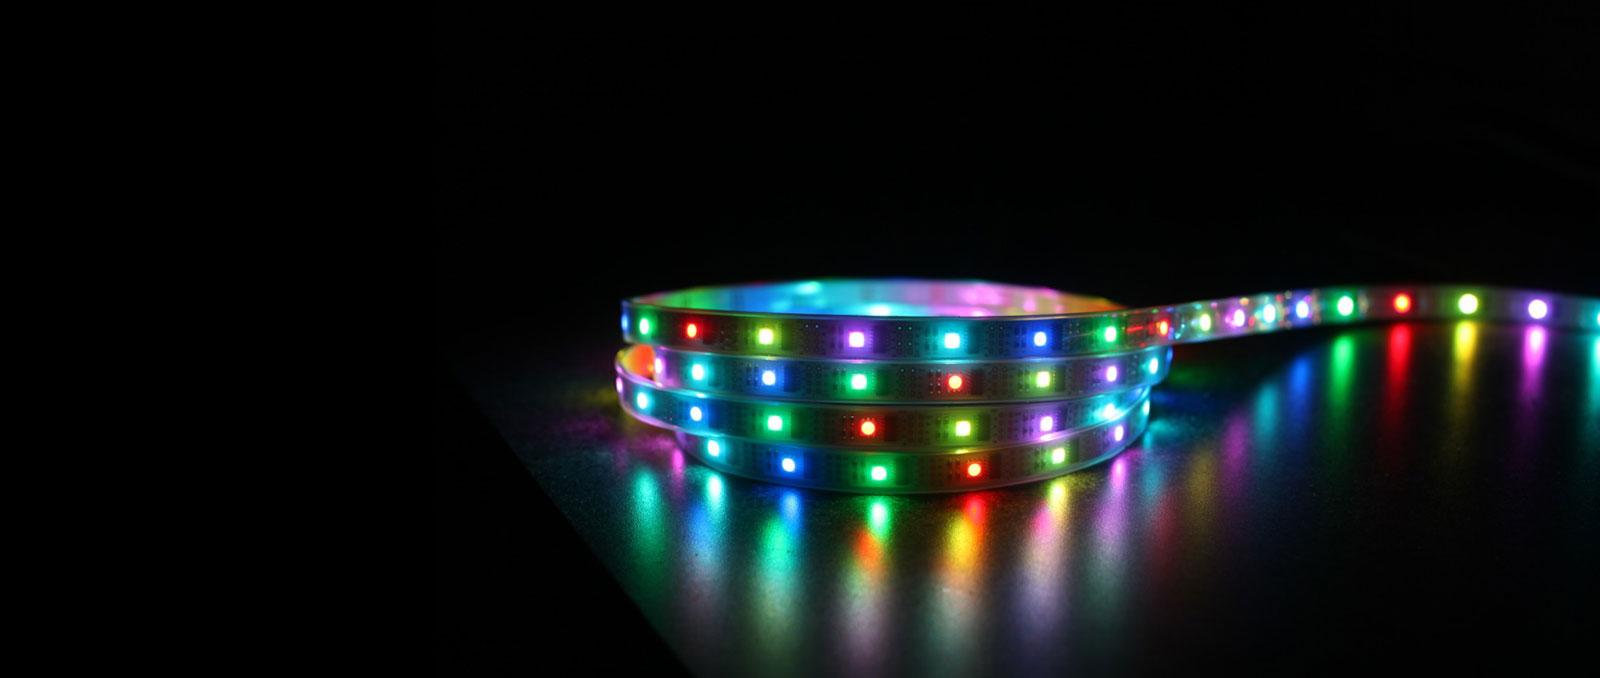 led_strips